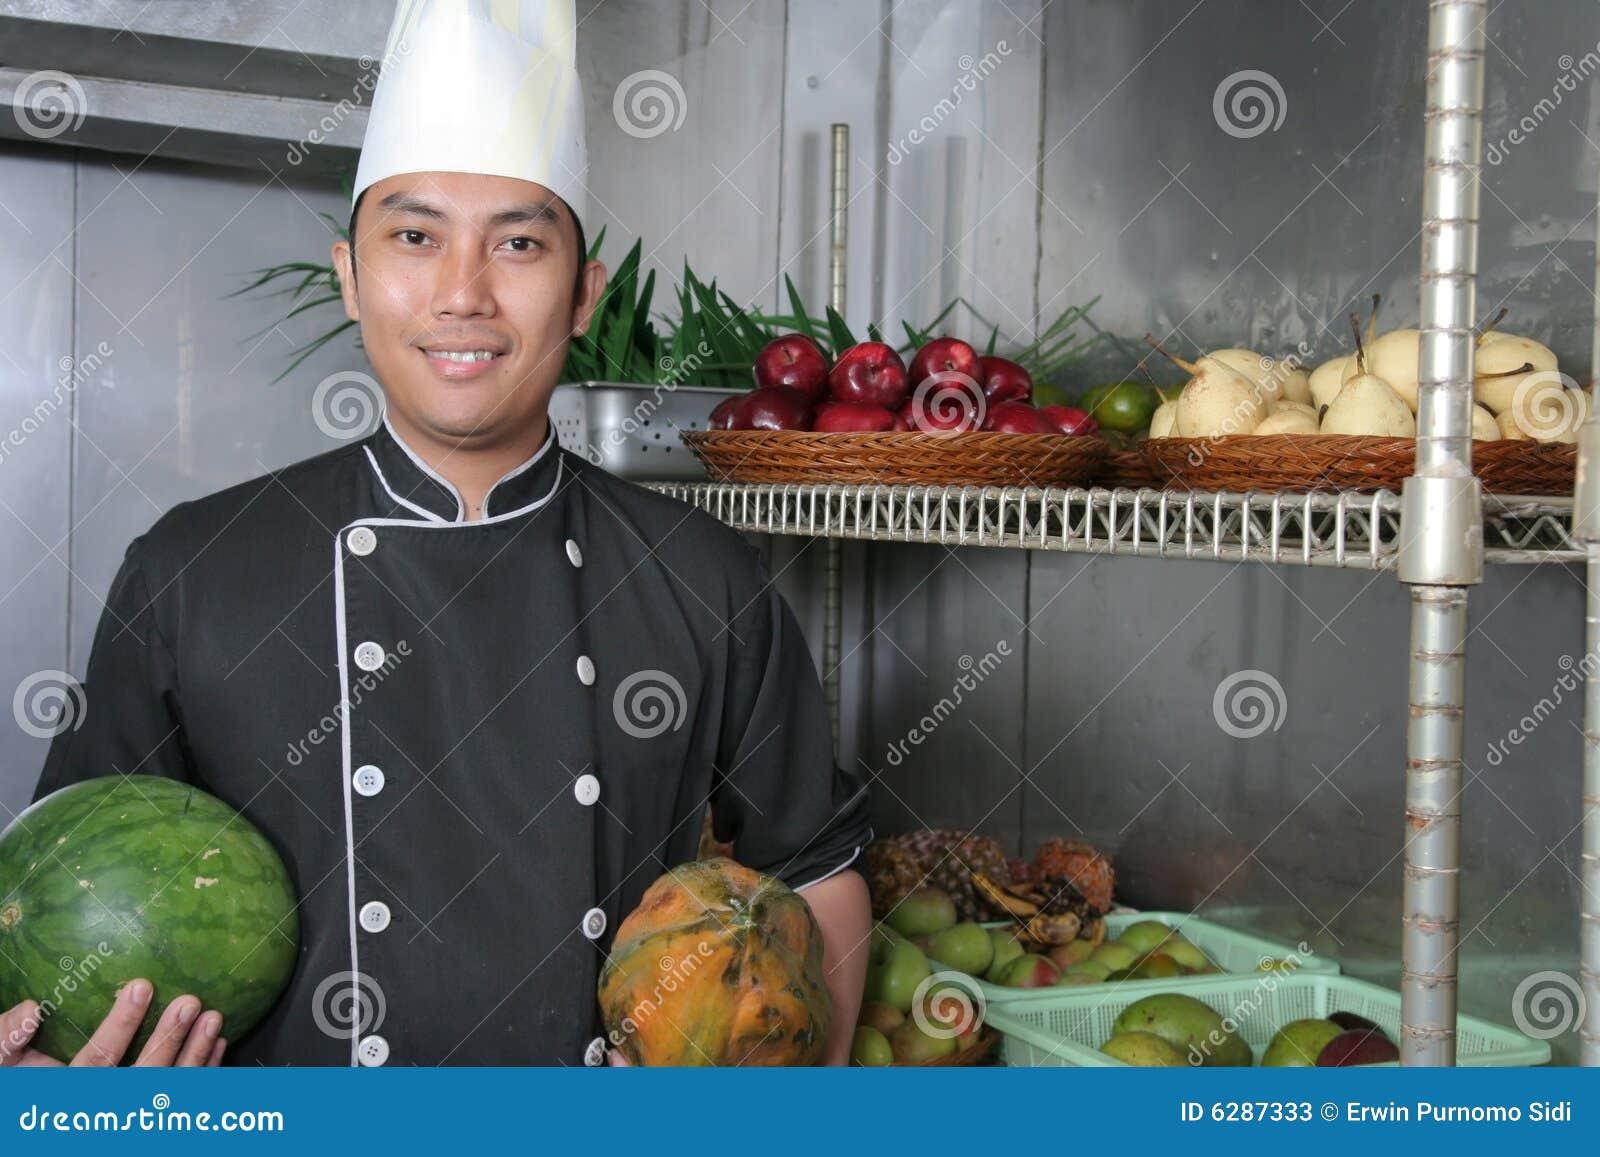 Chef in fruit storage